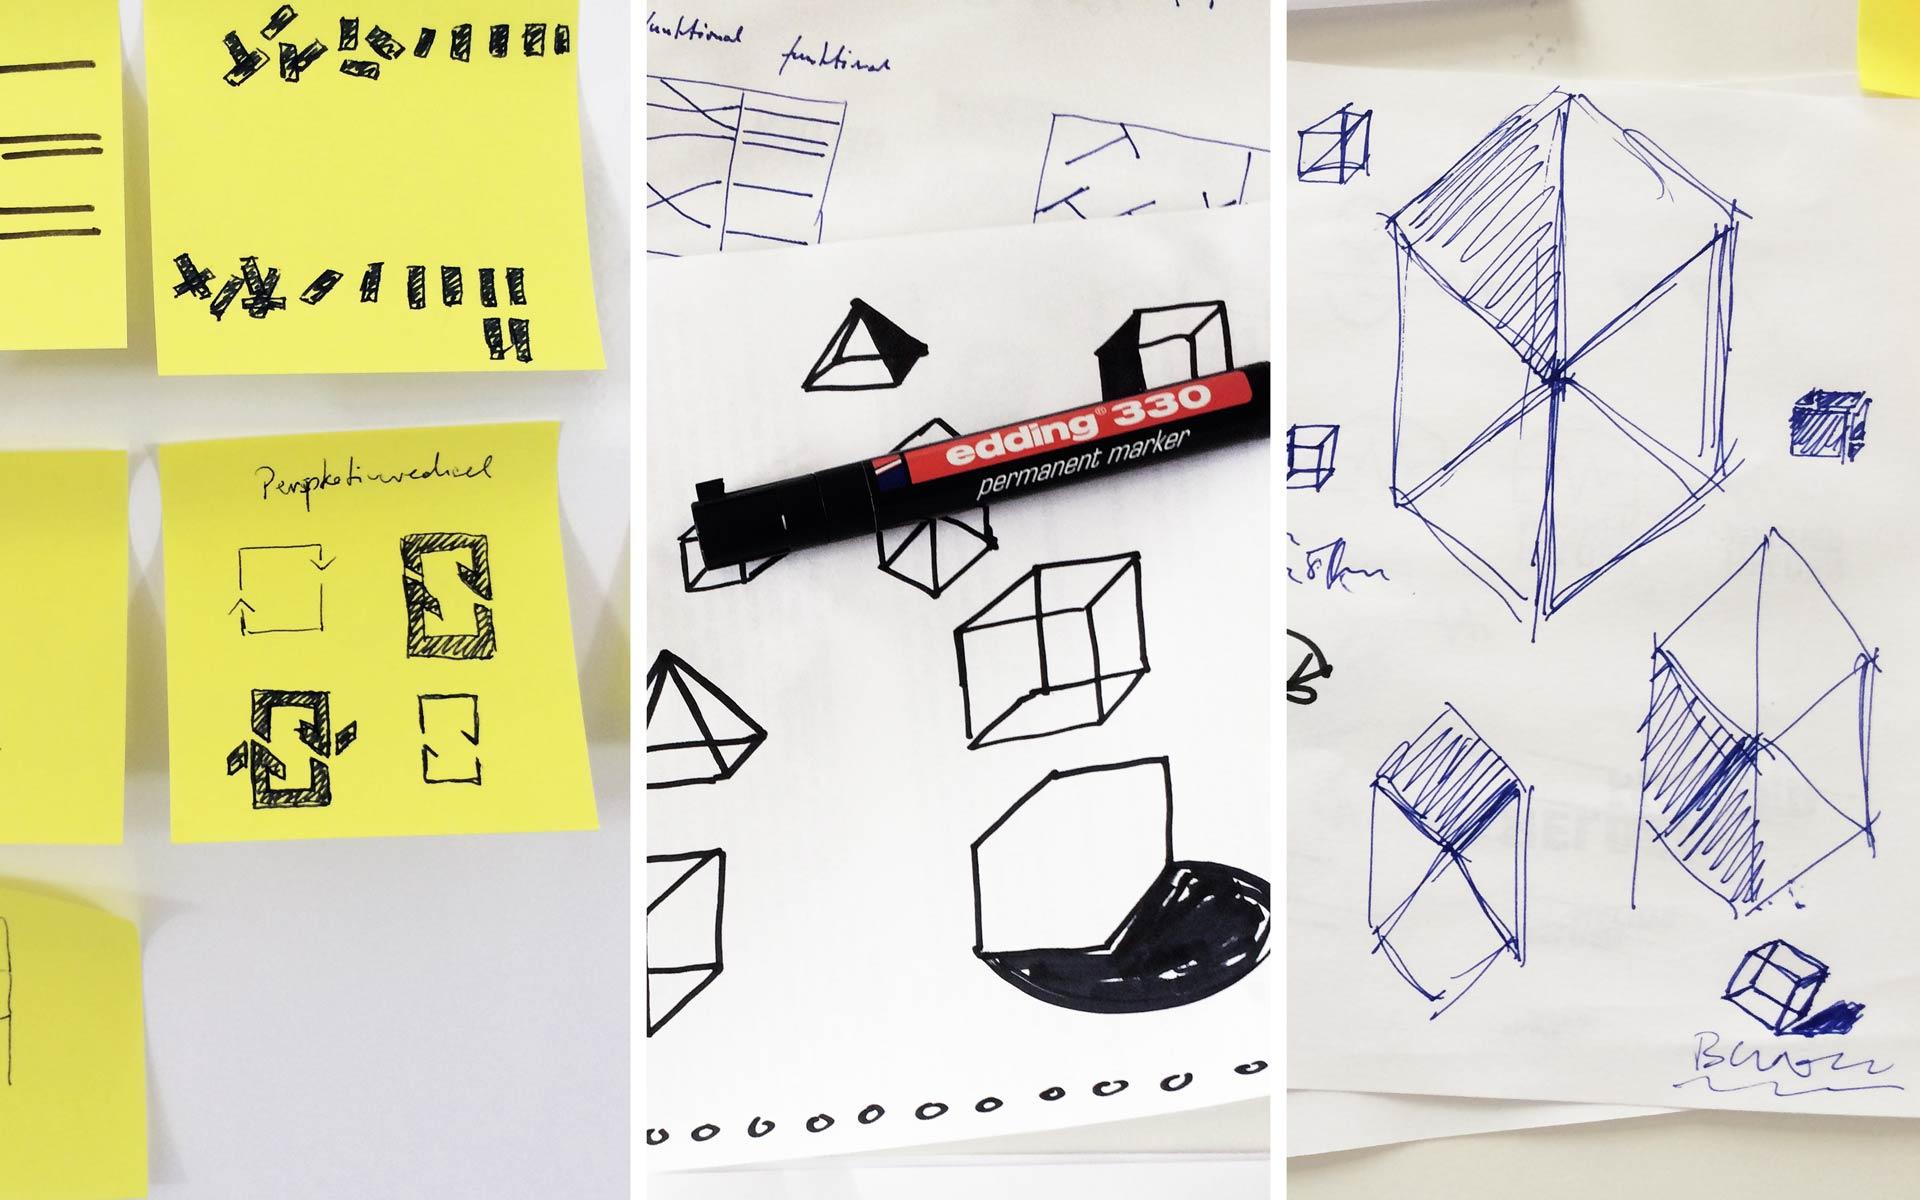 Blawath & Nachtsheim Corporate Design, Ideenfindung, Skizzen